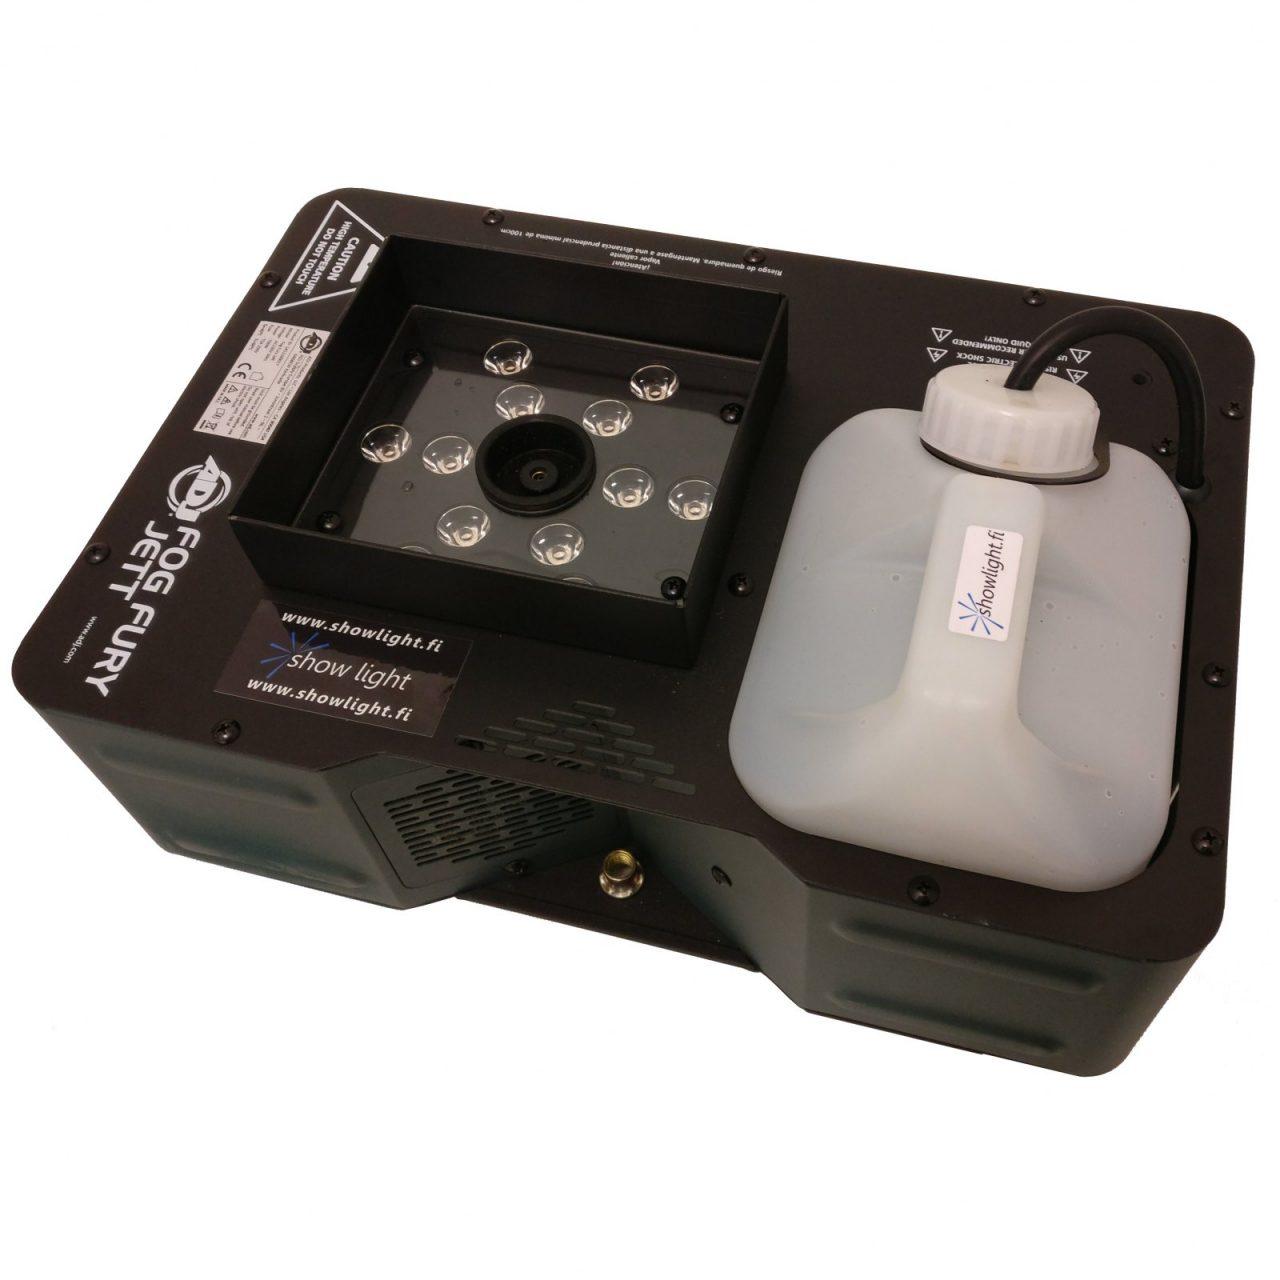 Co2 savukone-efekti (sis. 2,5l neste) - Co2 LED savukone-efekti, paketti sisältää 2,5l nopeasti haihtuvaa nestettä